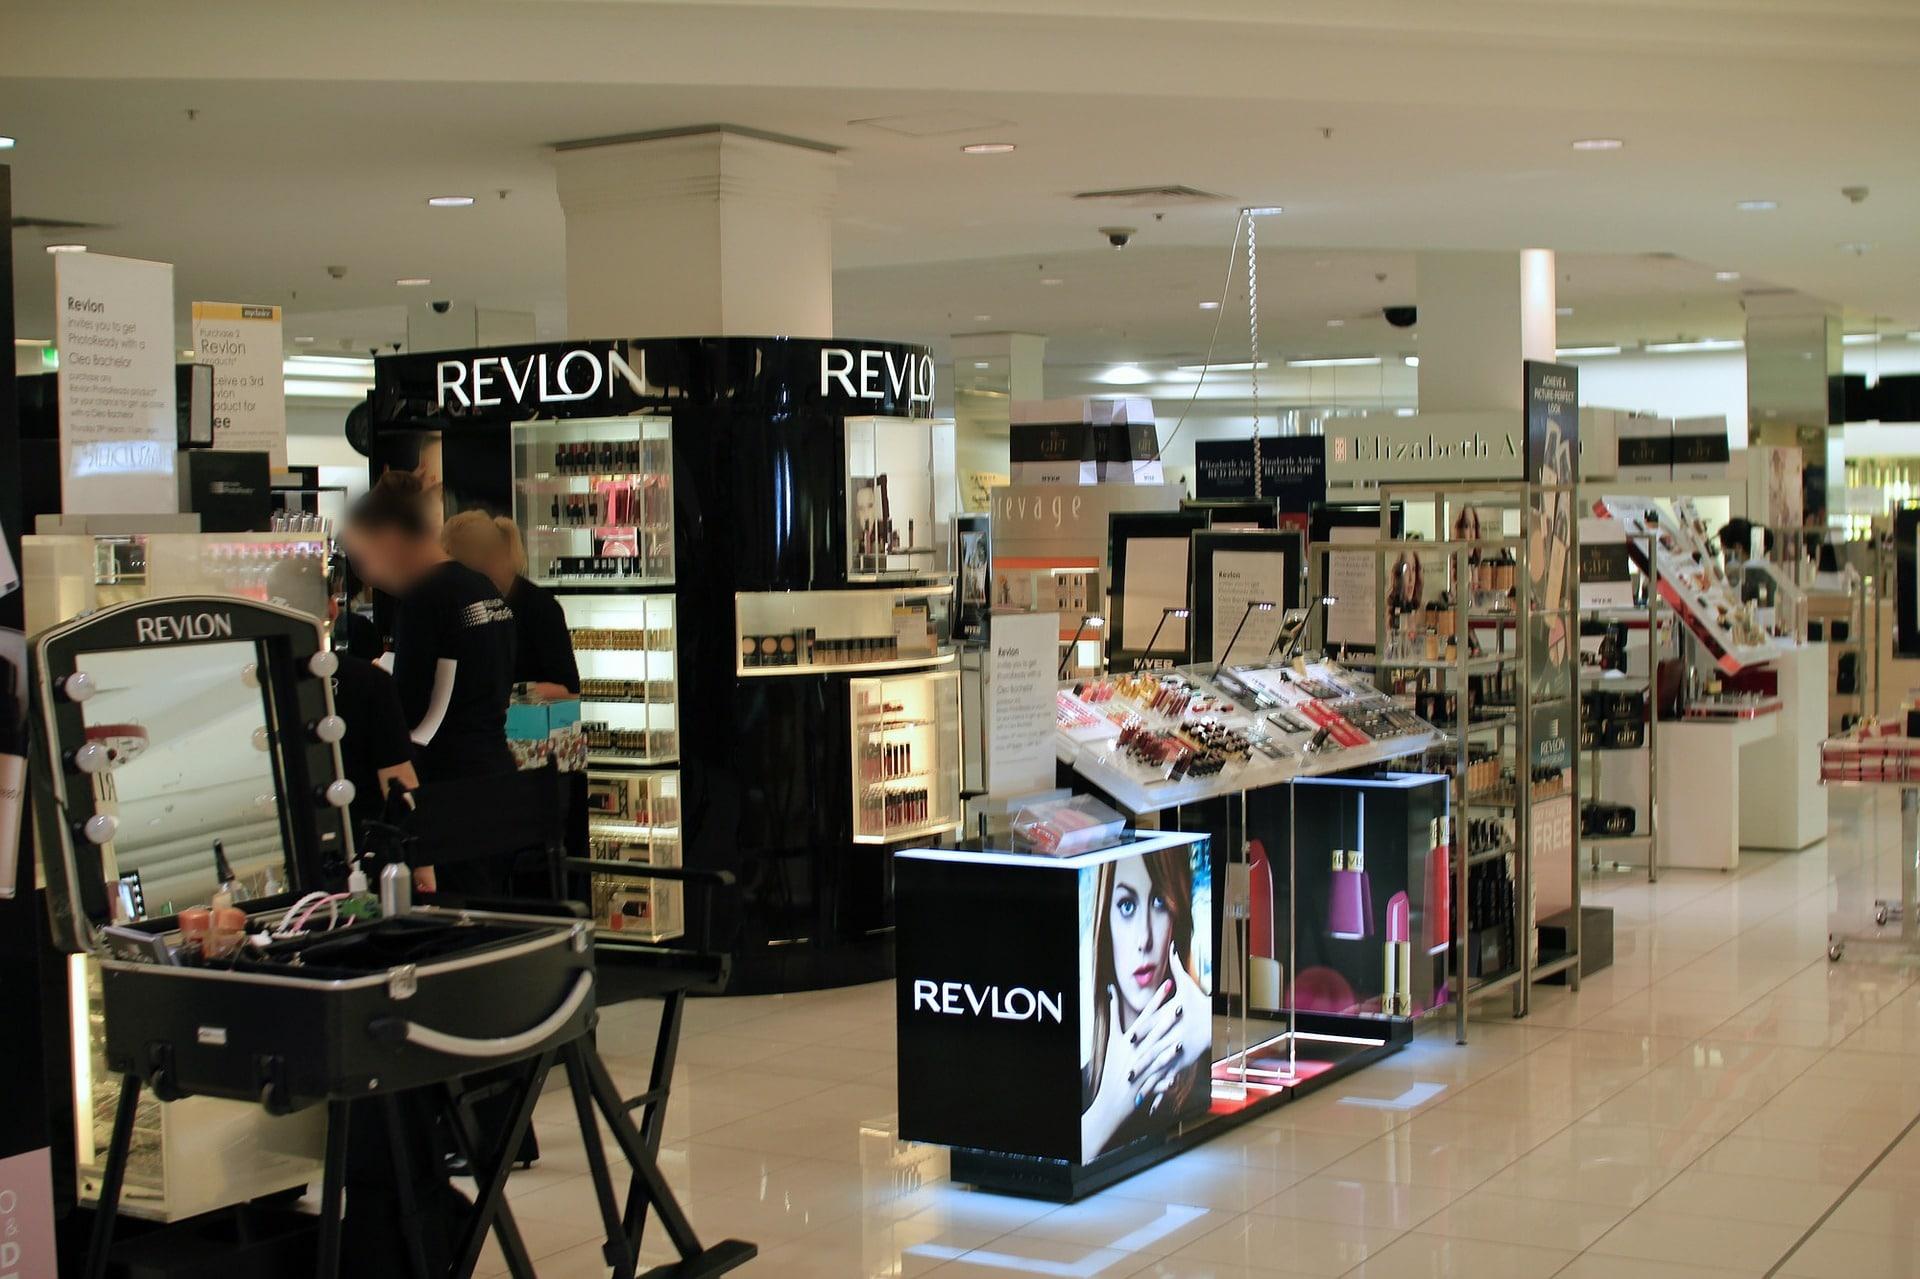 Publicité sur le lieu de vente dans l'aile parfumerie d'un grand magasin.